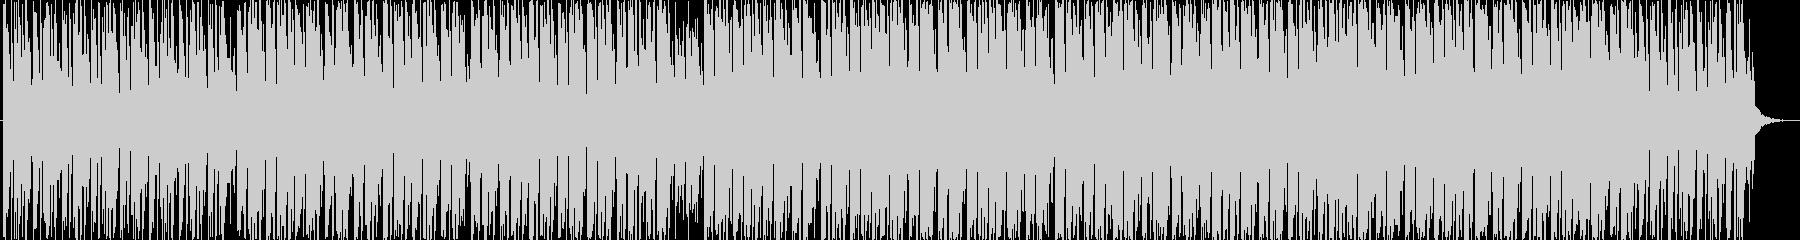 リズムが印象的な曲の未再生の波形